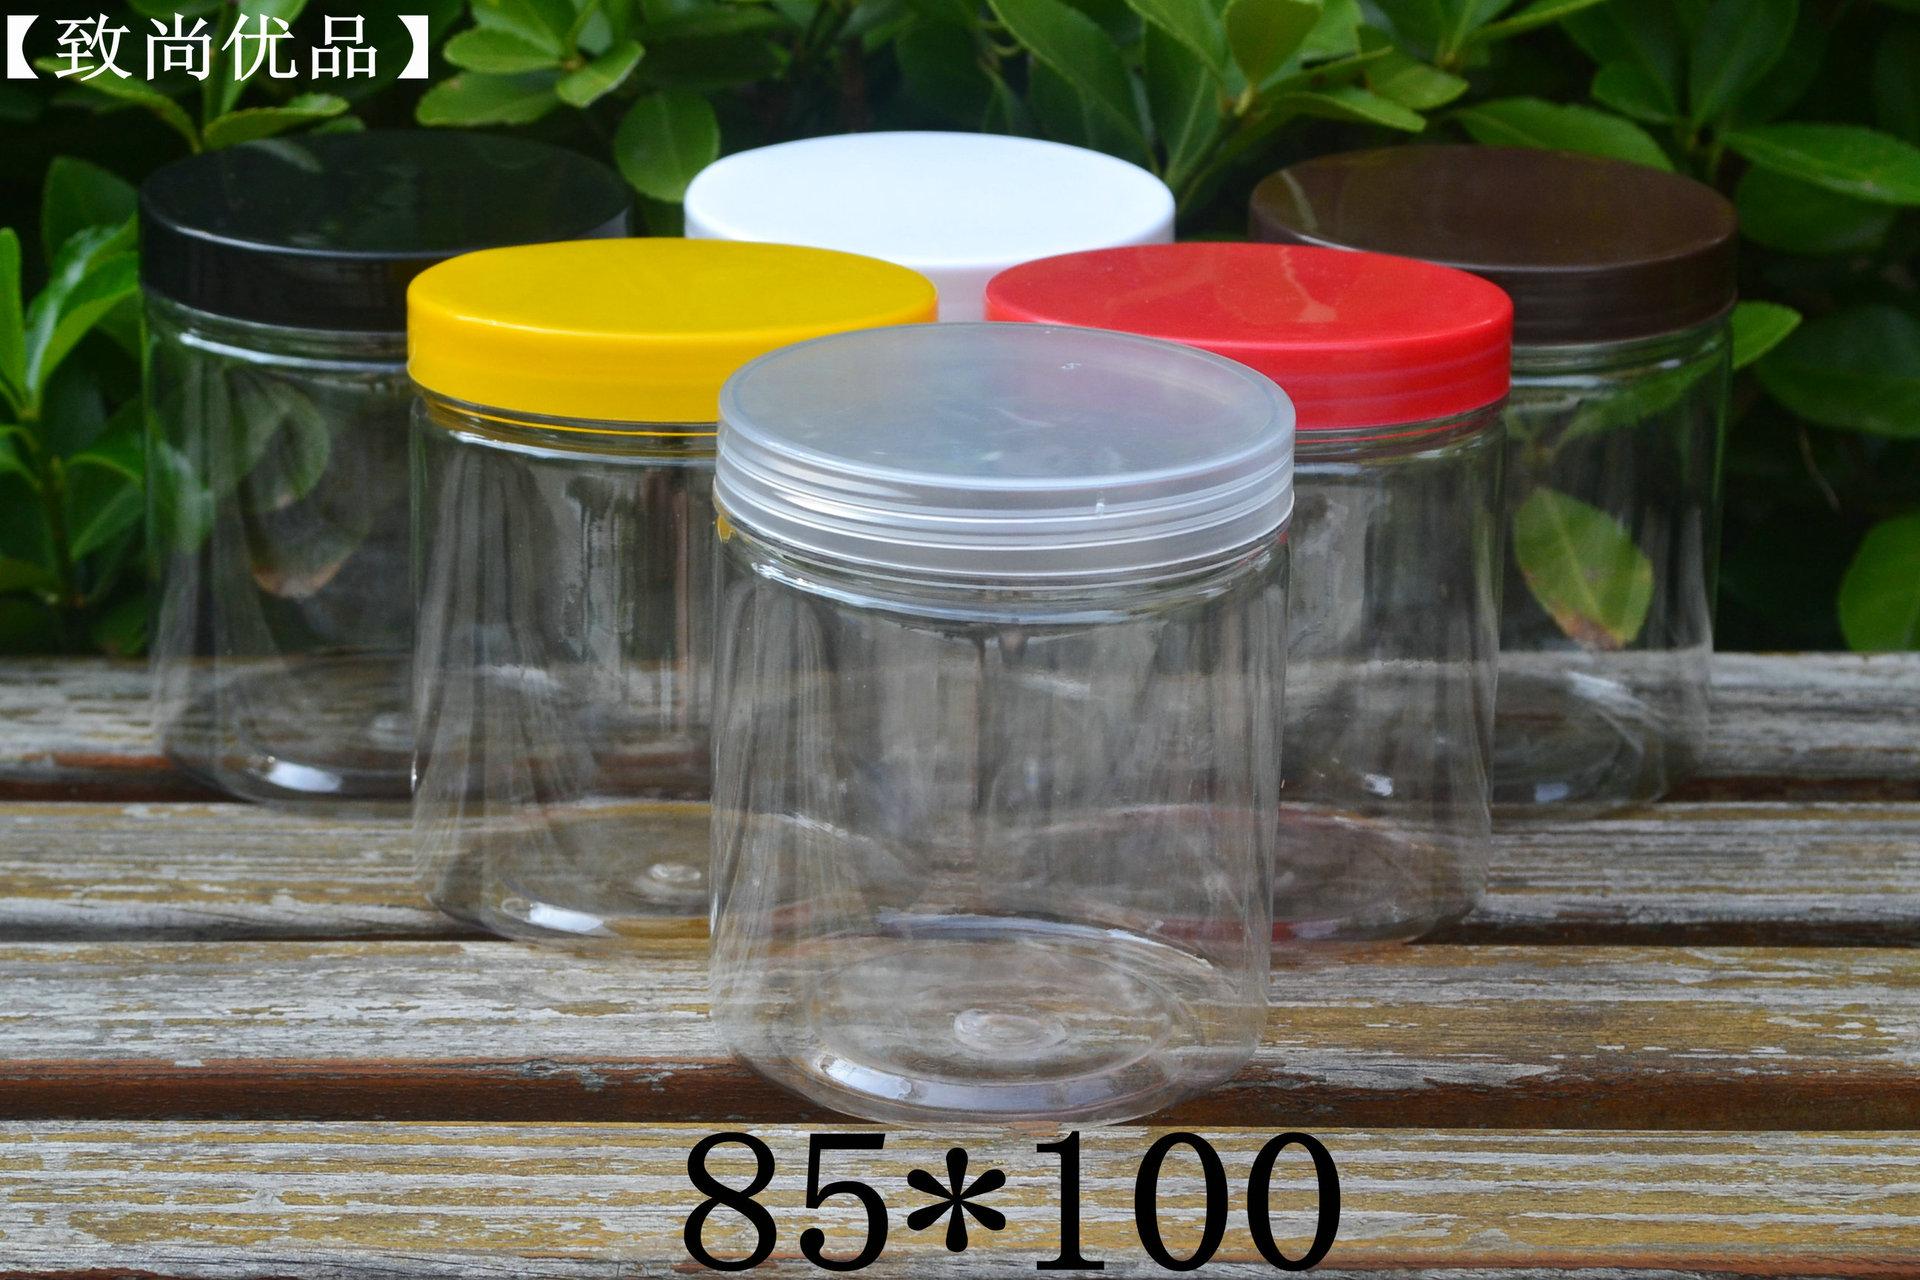 HAOFAN Hũ nhựa Con dấu trong suốt nhựa miệng rộng có thể thức ăn vật nuôi bằng nhựa trong suốt Hoa t